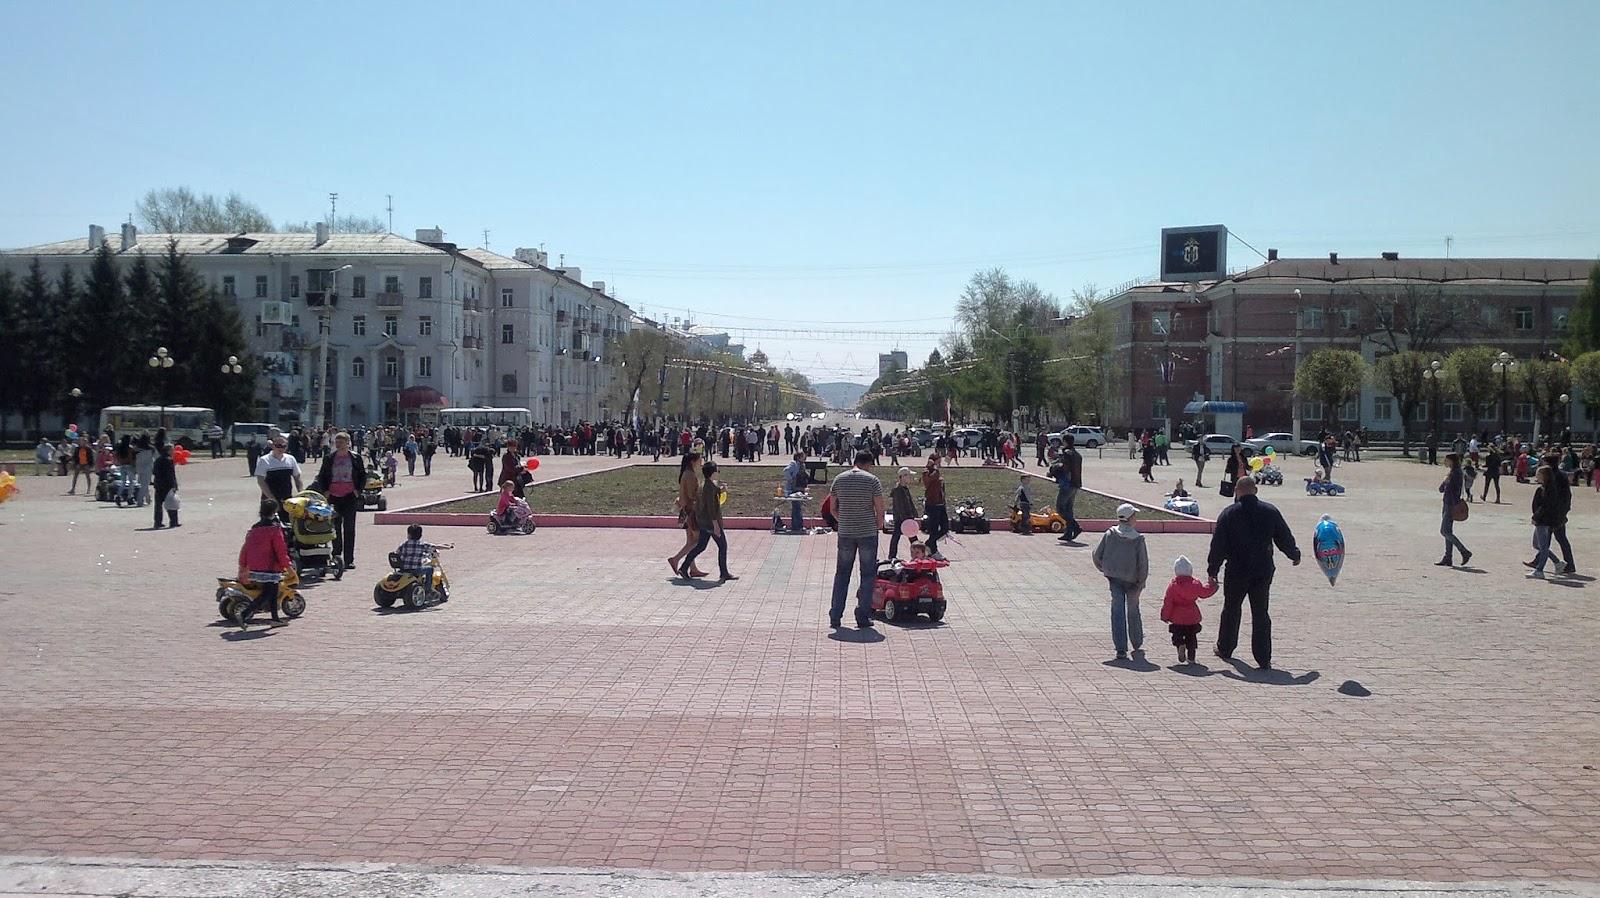 Площадь перед дворцом культуры судостроителей